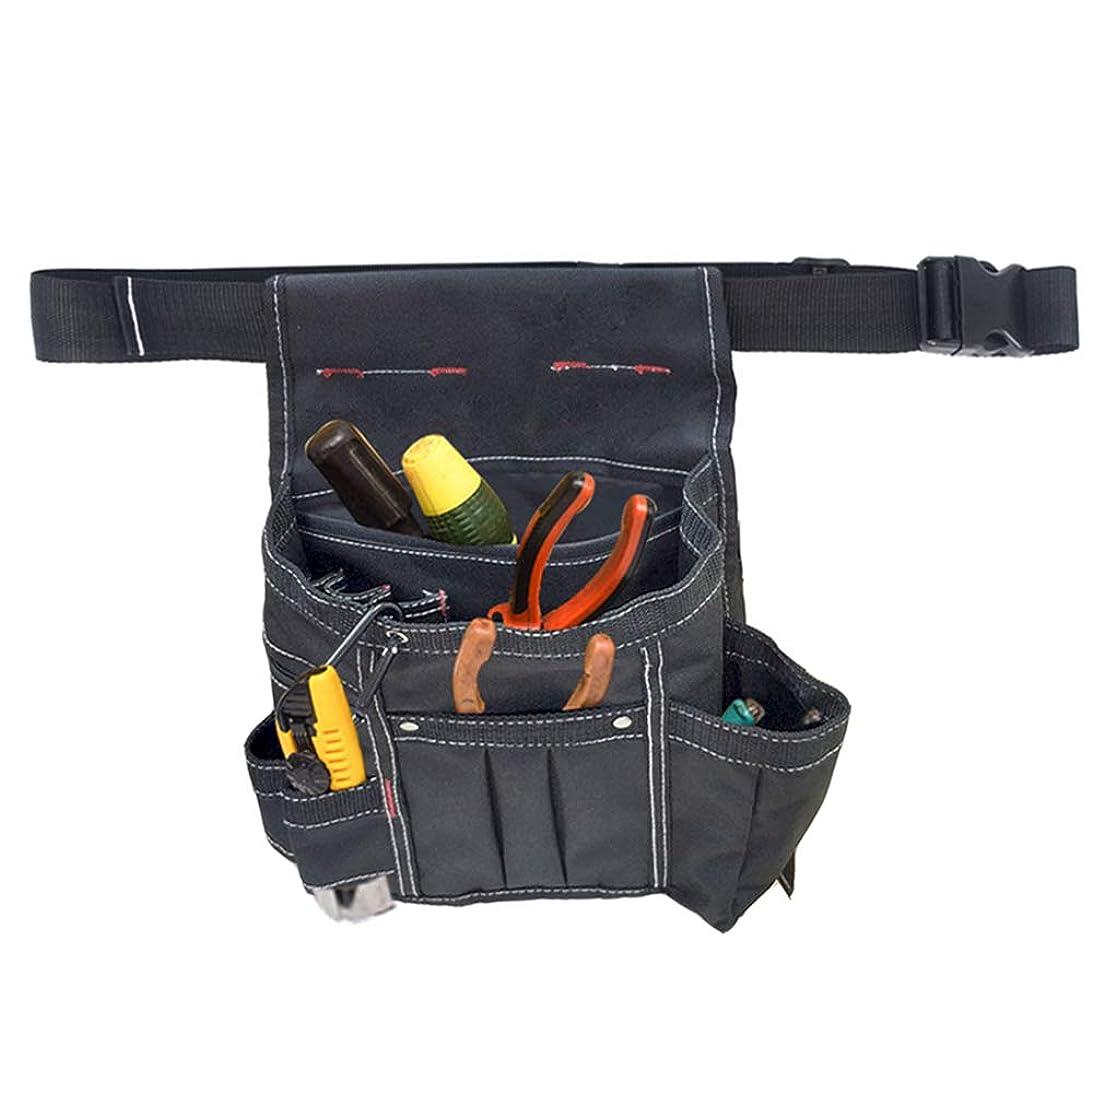 平らな暗いライオン腰袋 ウエストバッグ 電工袋 ツールポッチ 釘袋 工具差し 電工道具袋 作業用 ホルダー ベルト付き (ブラック)